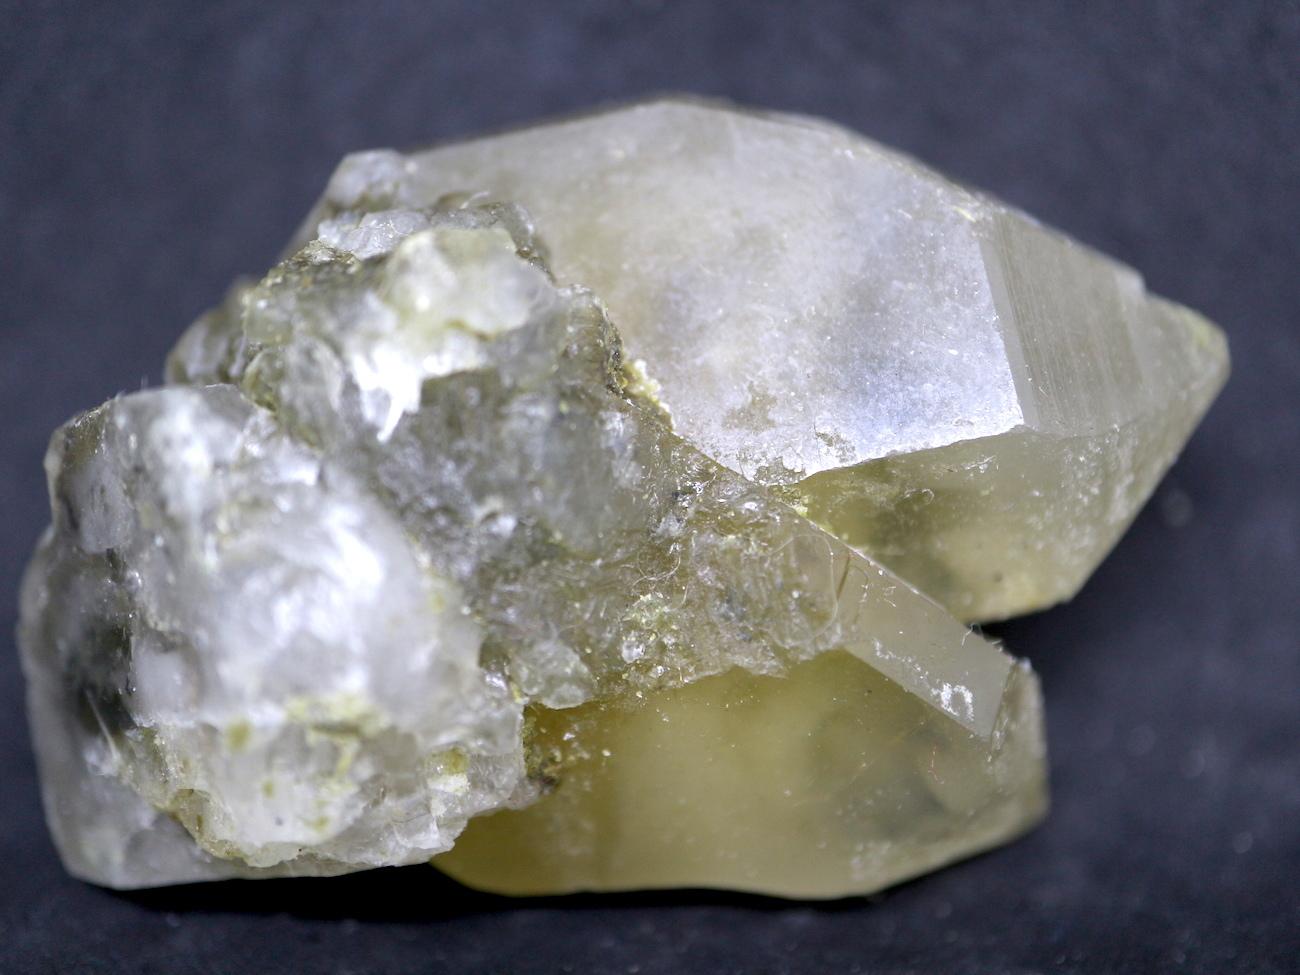 カリフォルニア産 ハンクサイト Hanksite 岩塩 55,4g HS040 ハンクス石 鉱物 天然石 パワーストーン